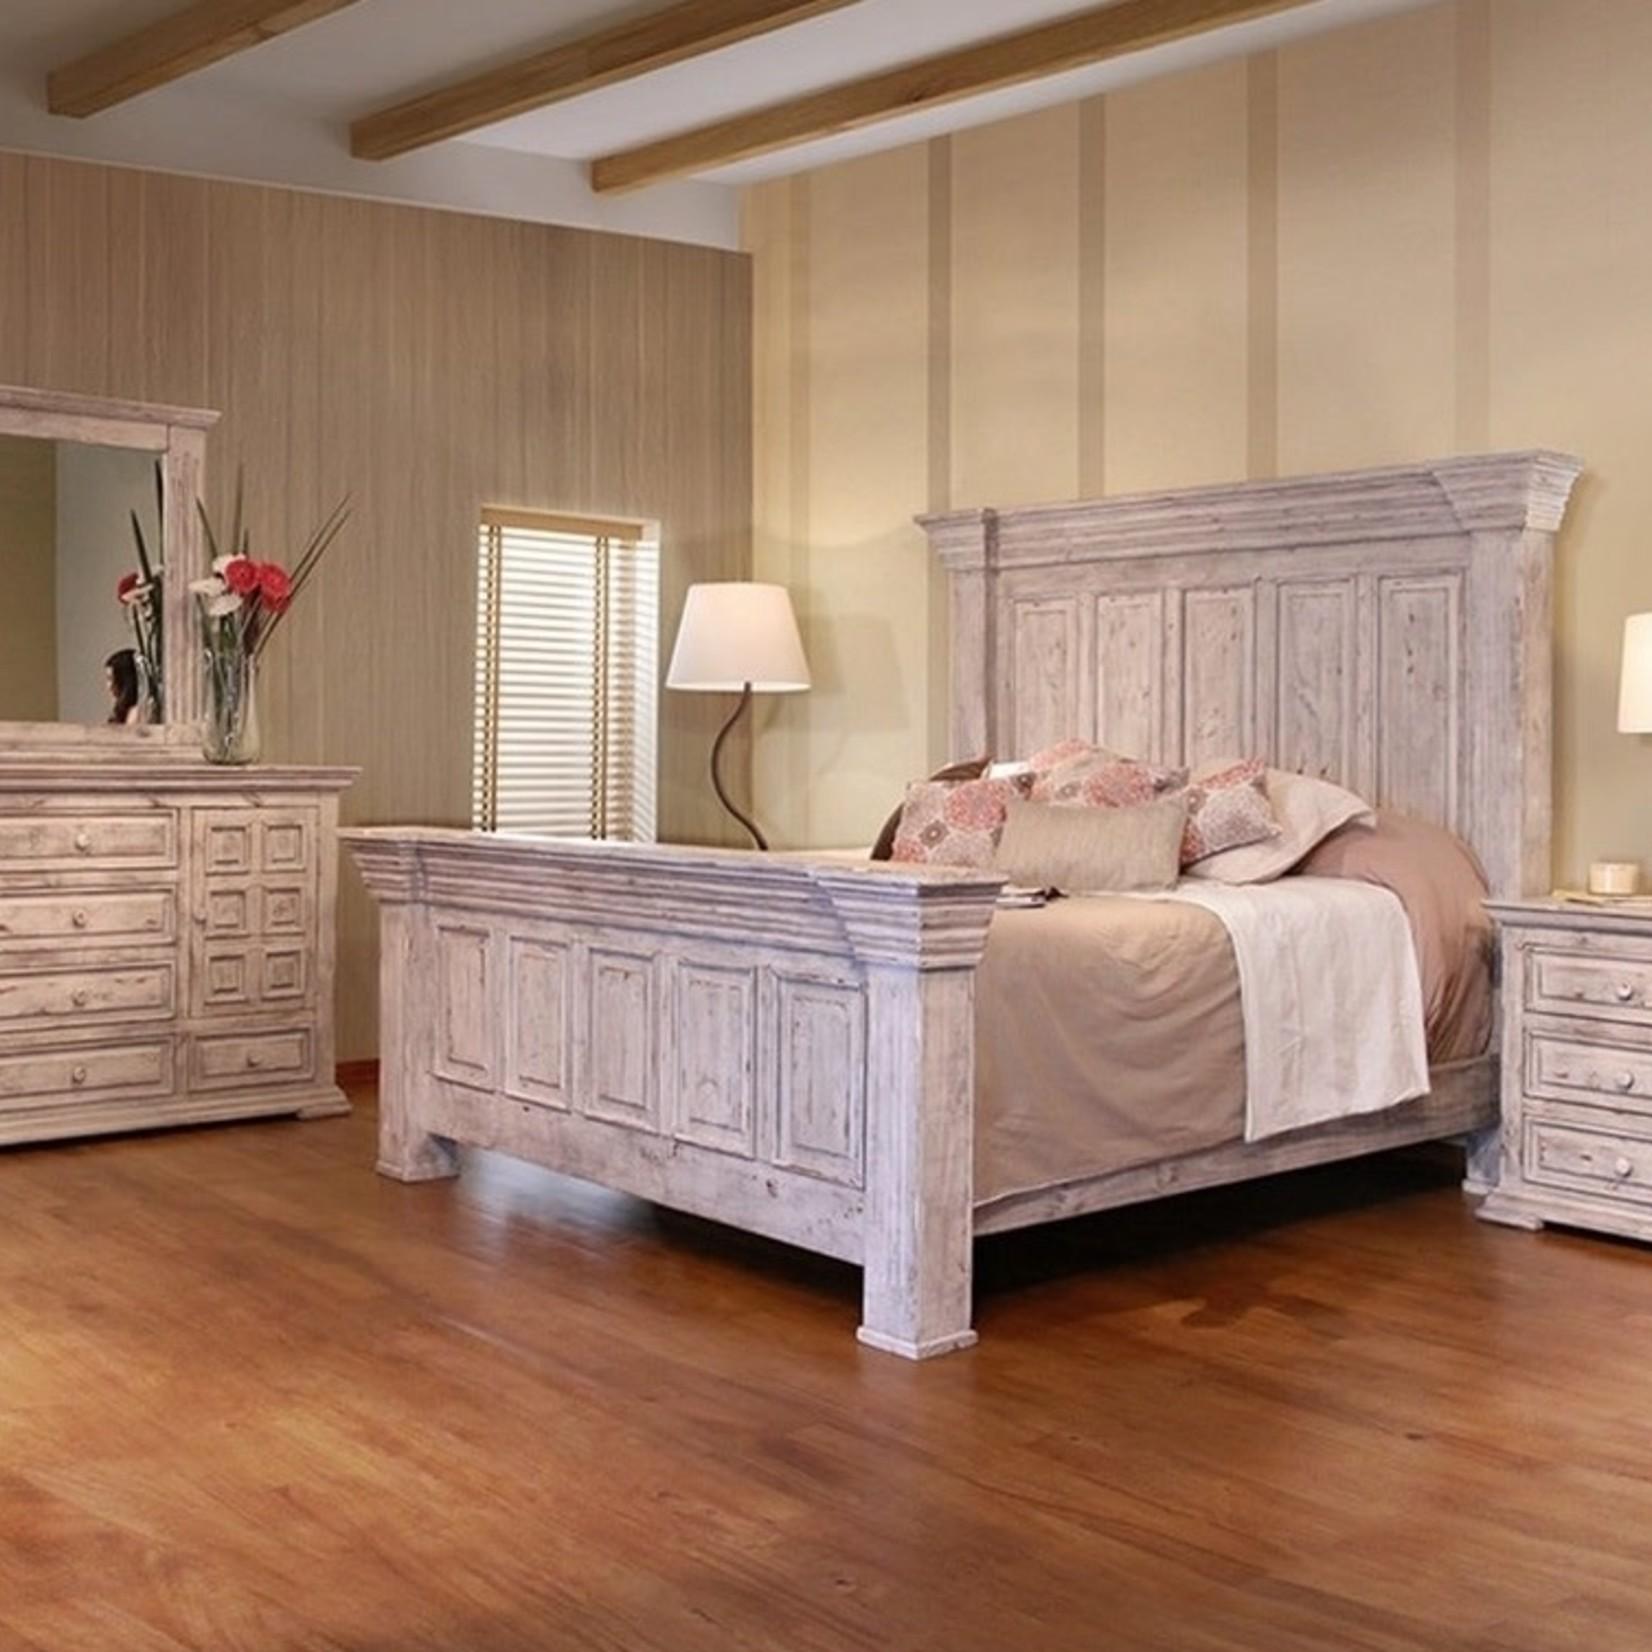 Terra White Bedroom Queen Bed FLOOR MODEL